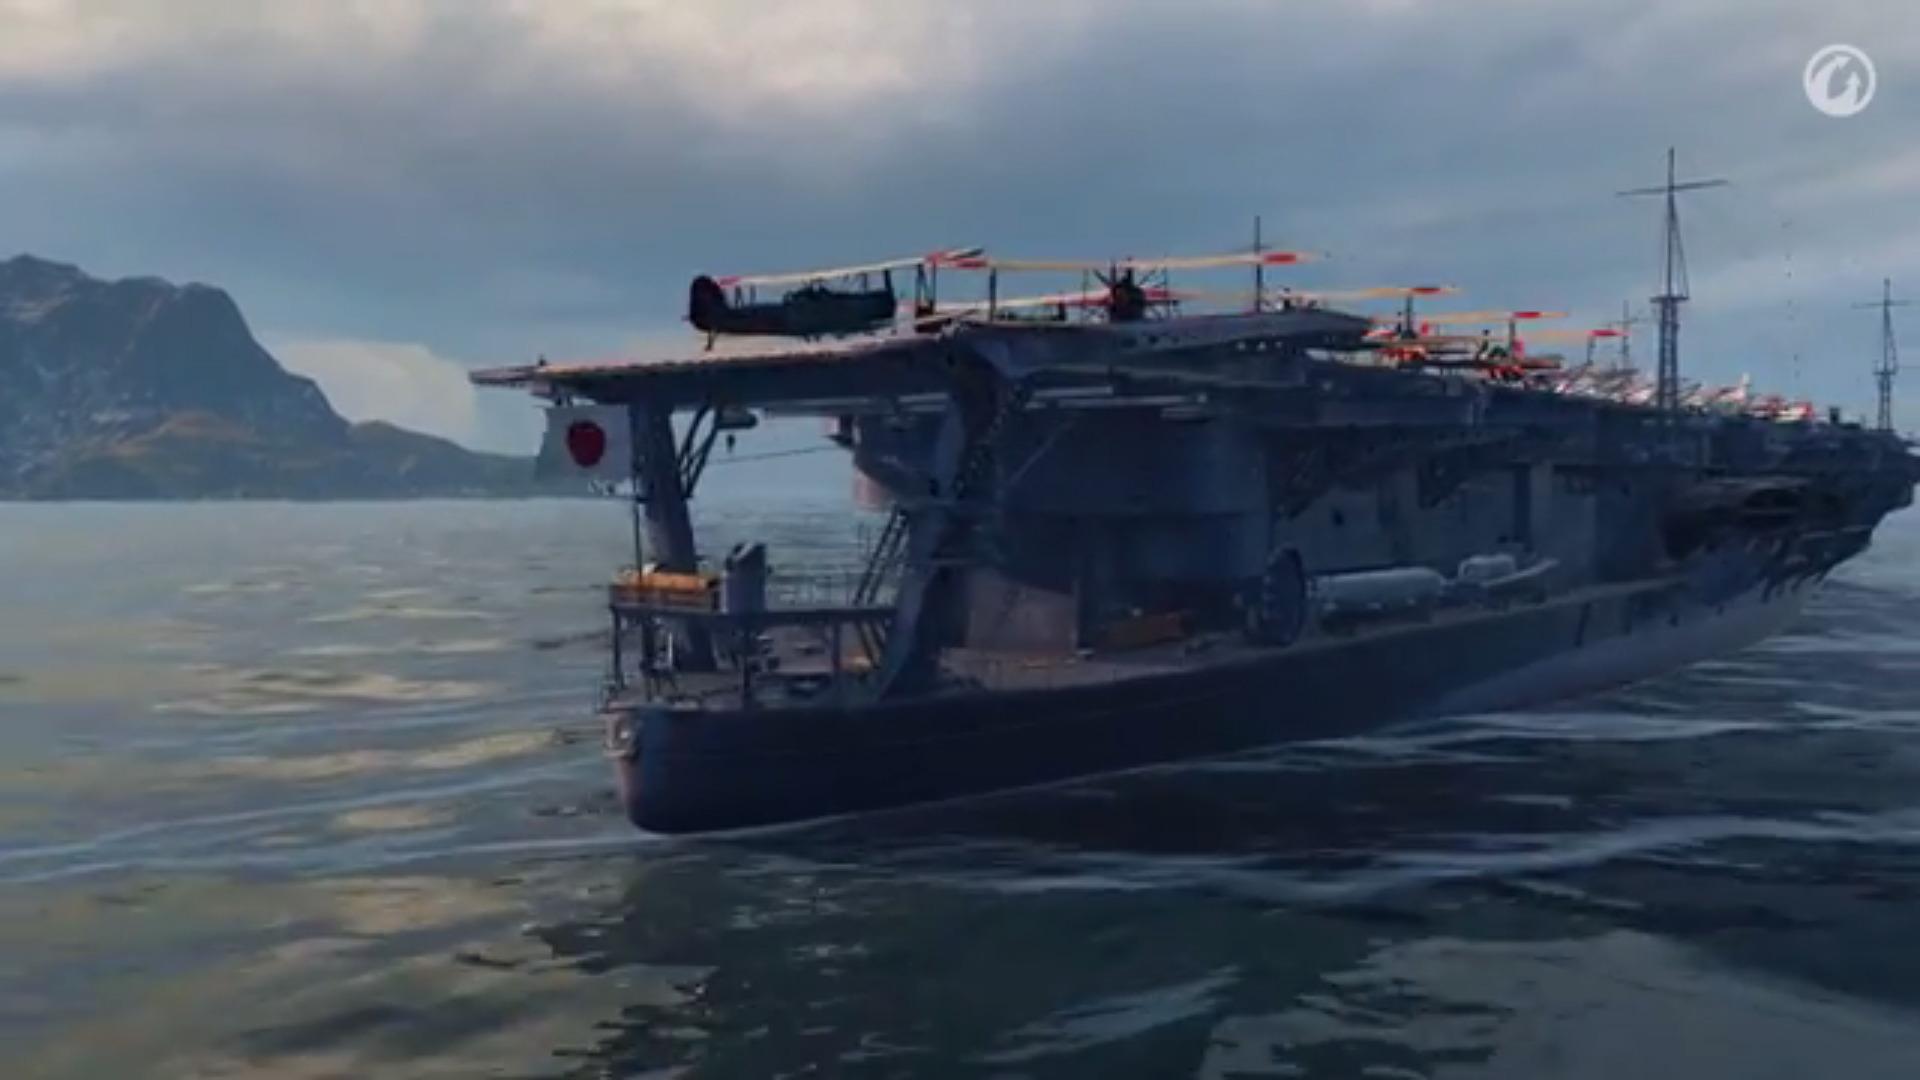 軽空母 龍驤 がチラり World Of Warships 日本艦艇紹介の開発映像